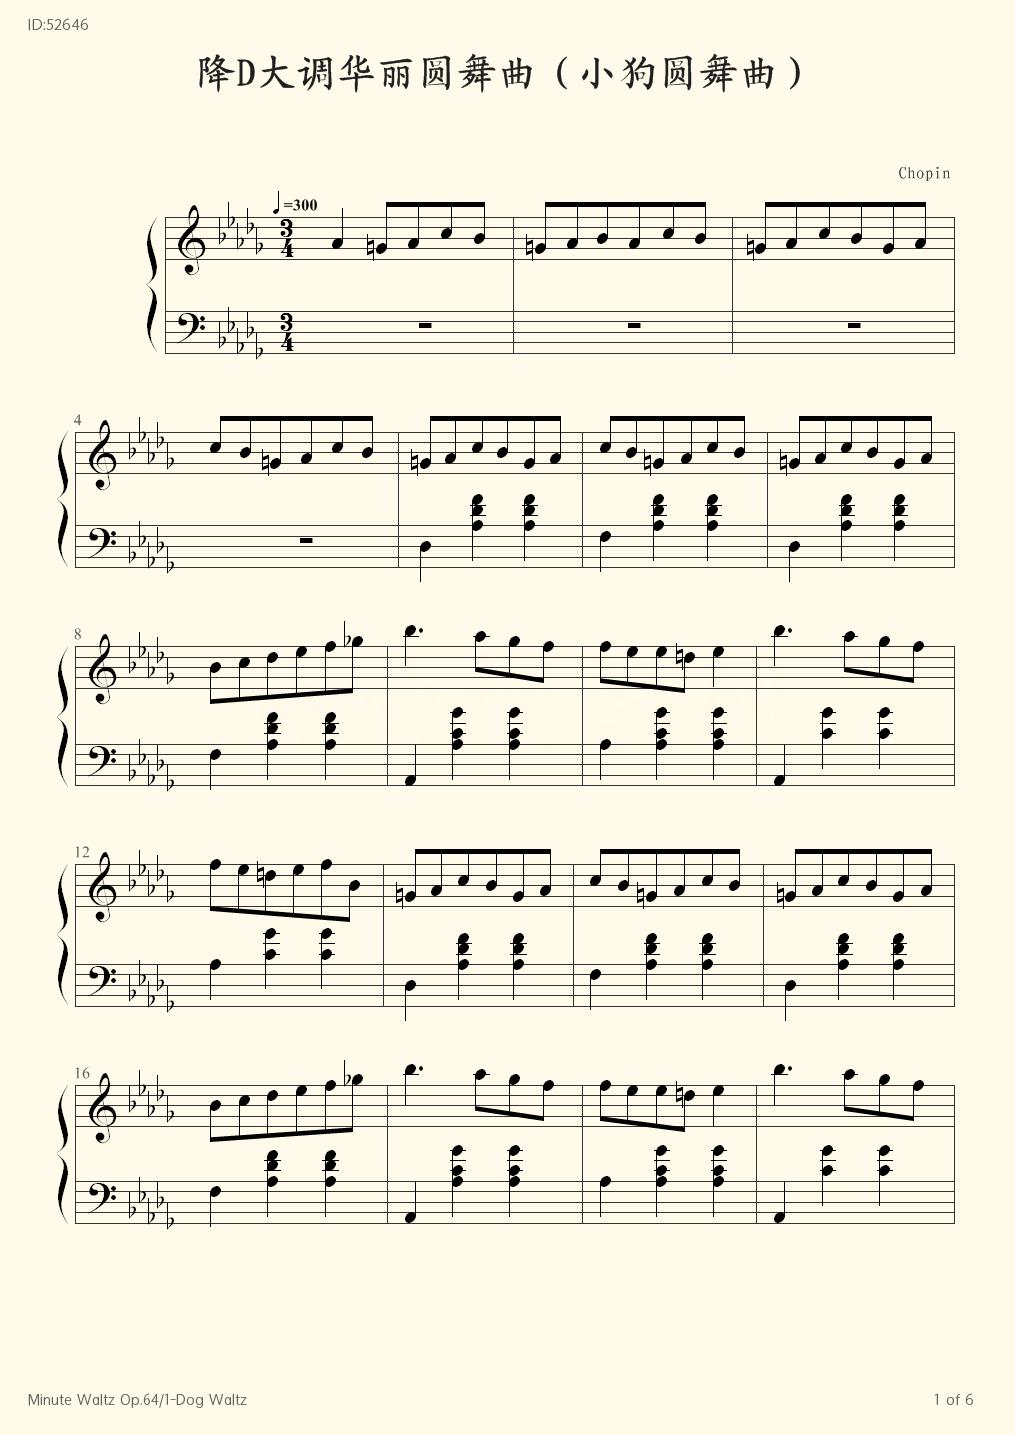 Minute Waltz Op 64 1 Dog Waltz - Chopin - first page